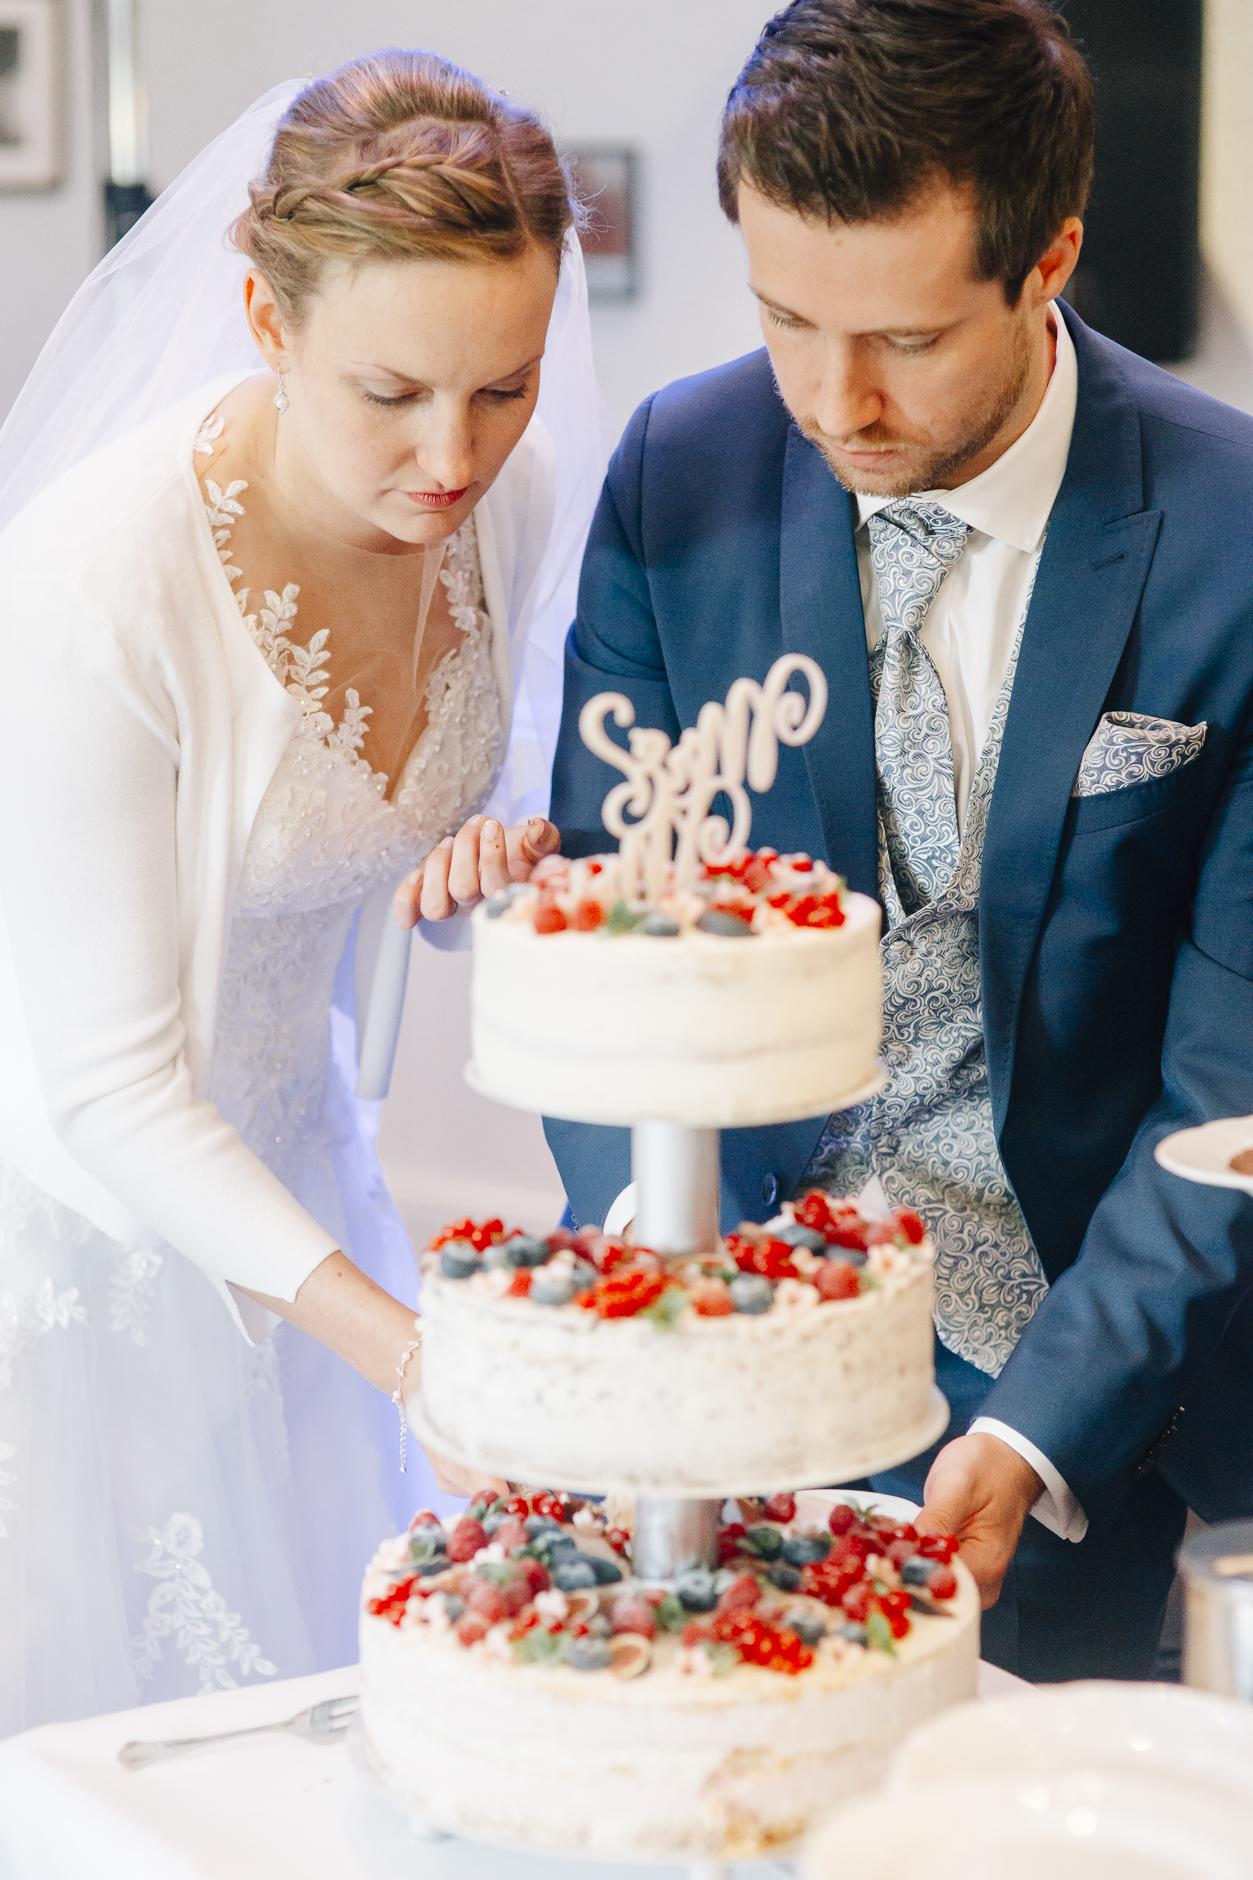 Konzentration beim Anschneiden der Hochzeitstorte